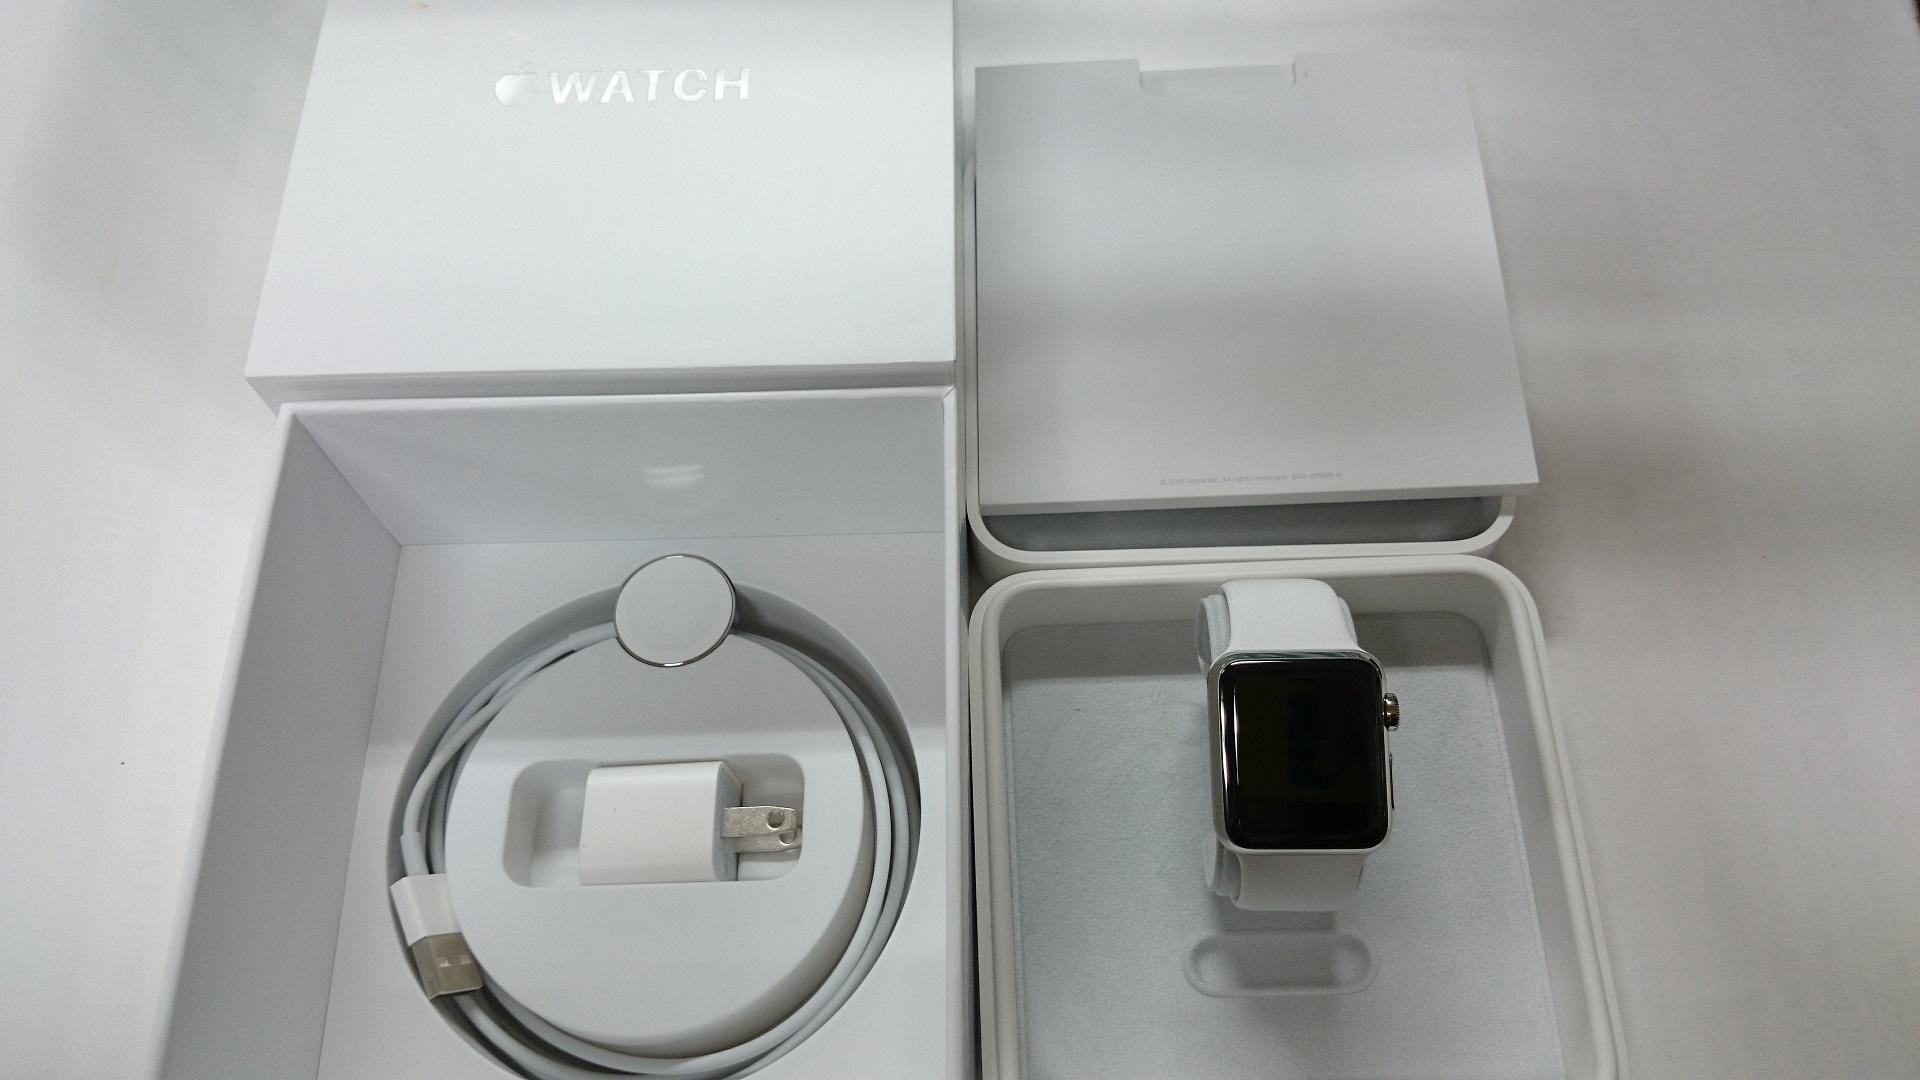 相模原 applewatch 買取 MJ302J/A 買取 しました! 二本松 店